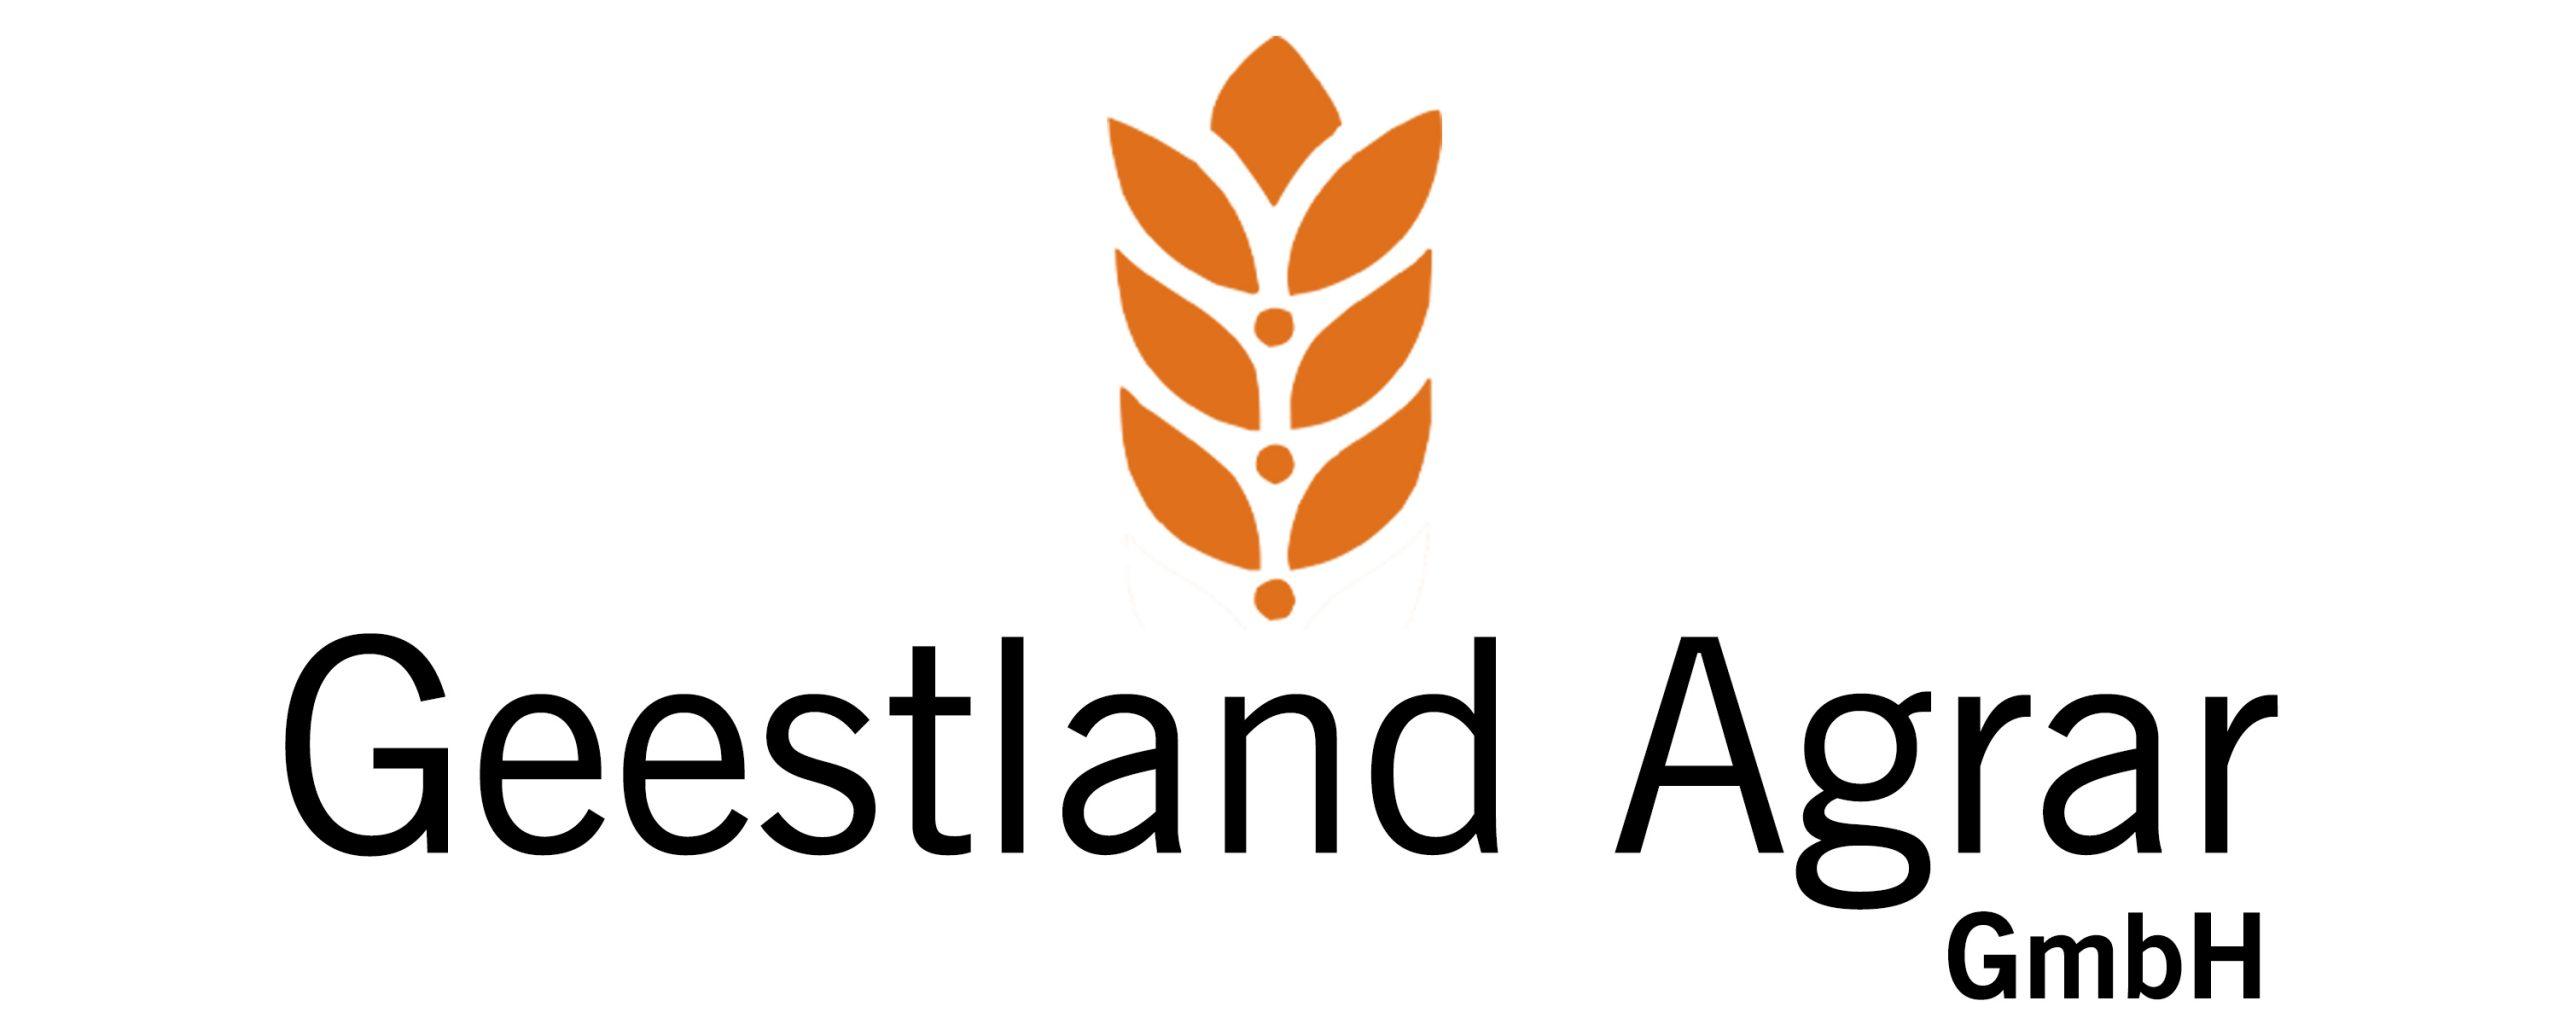 Geestland Agrar GmbH